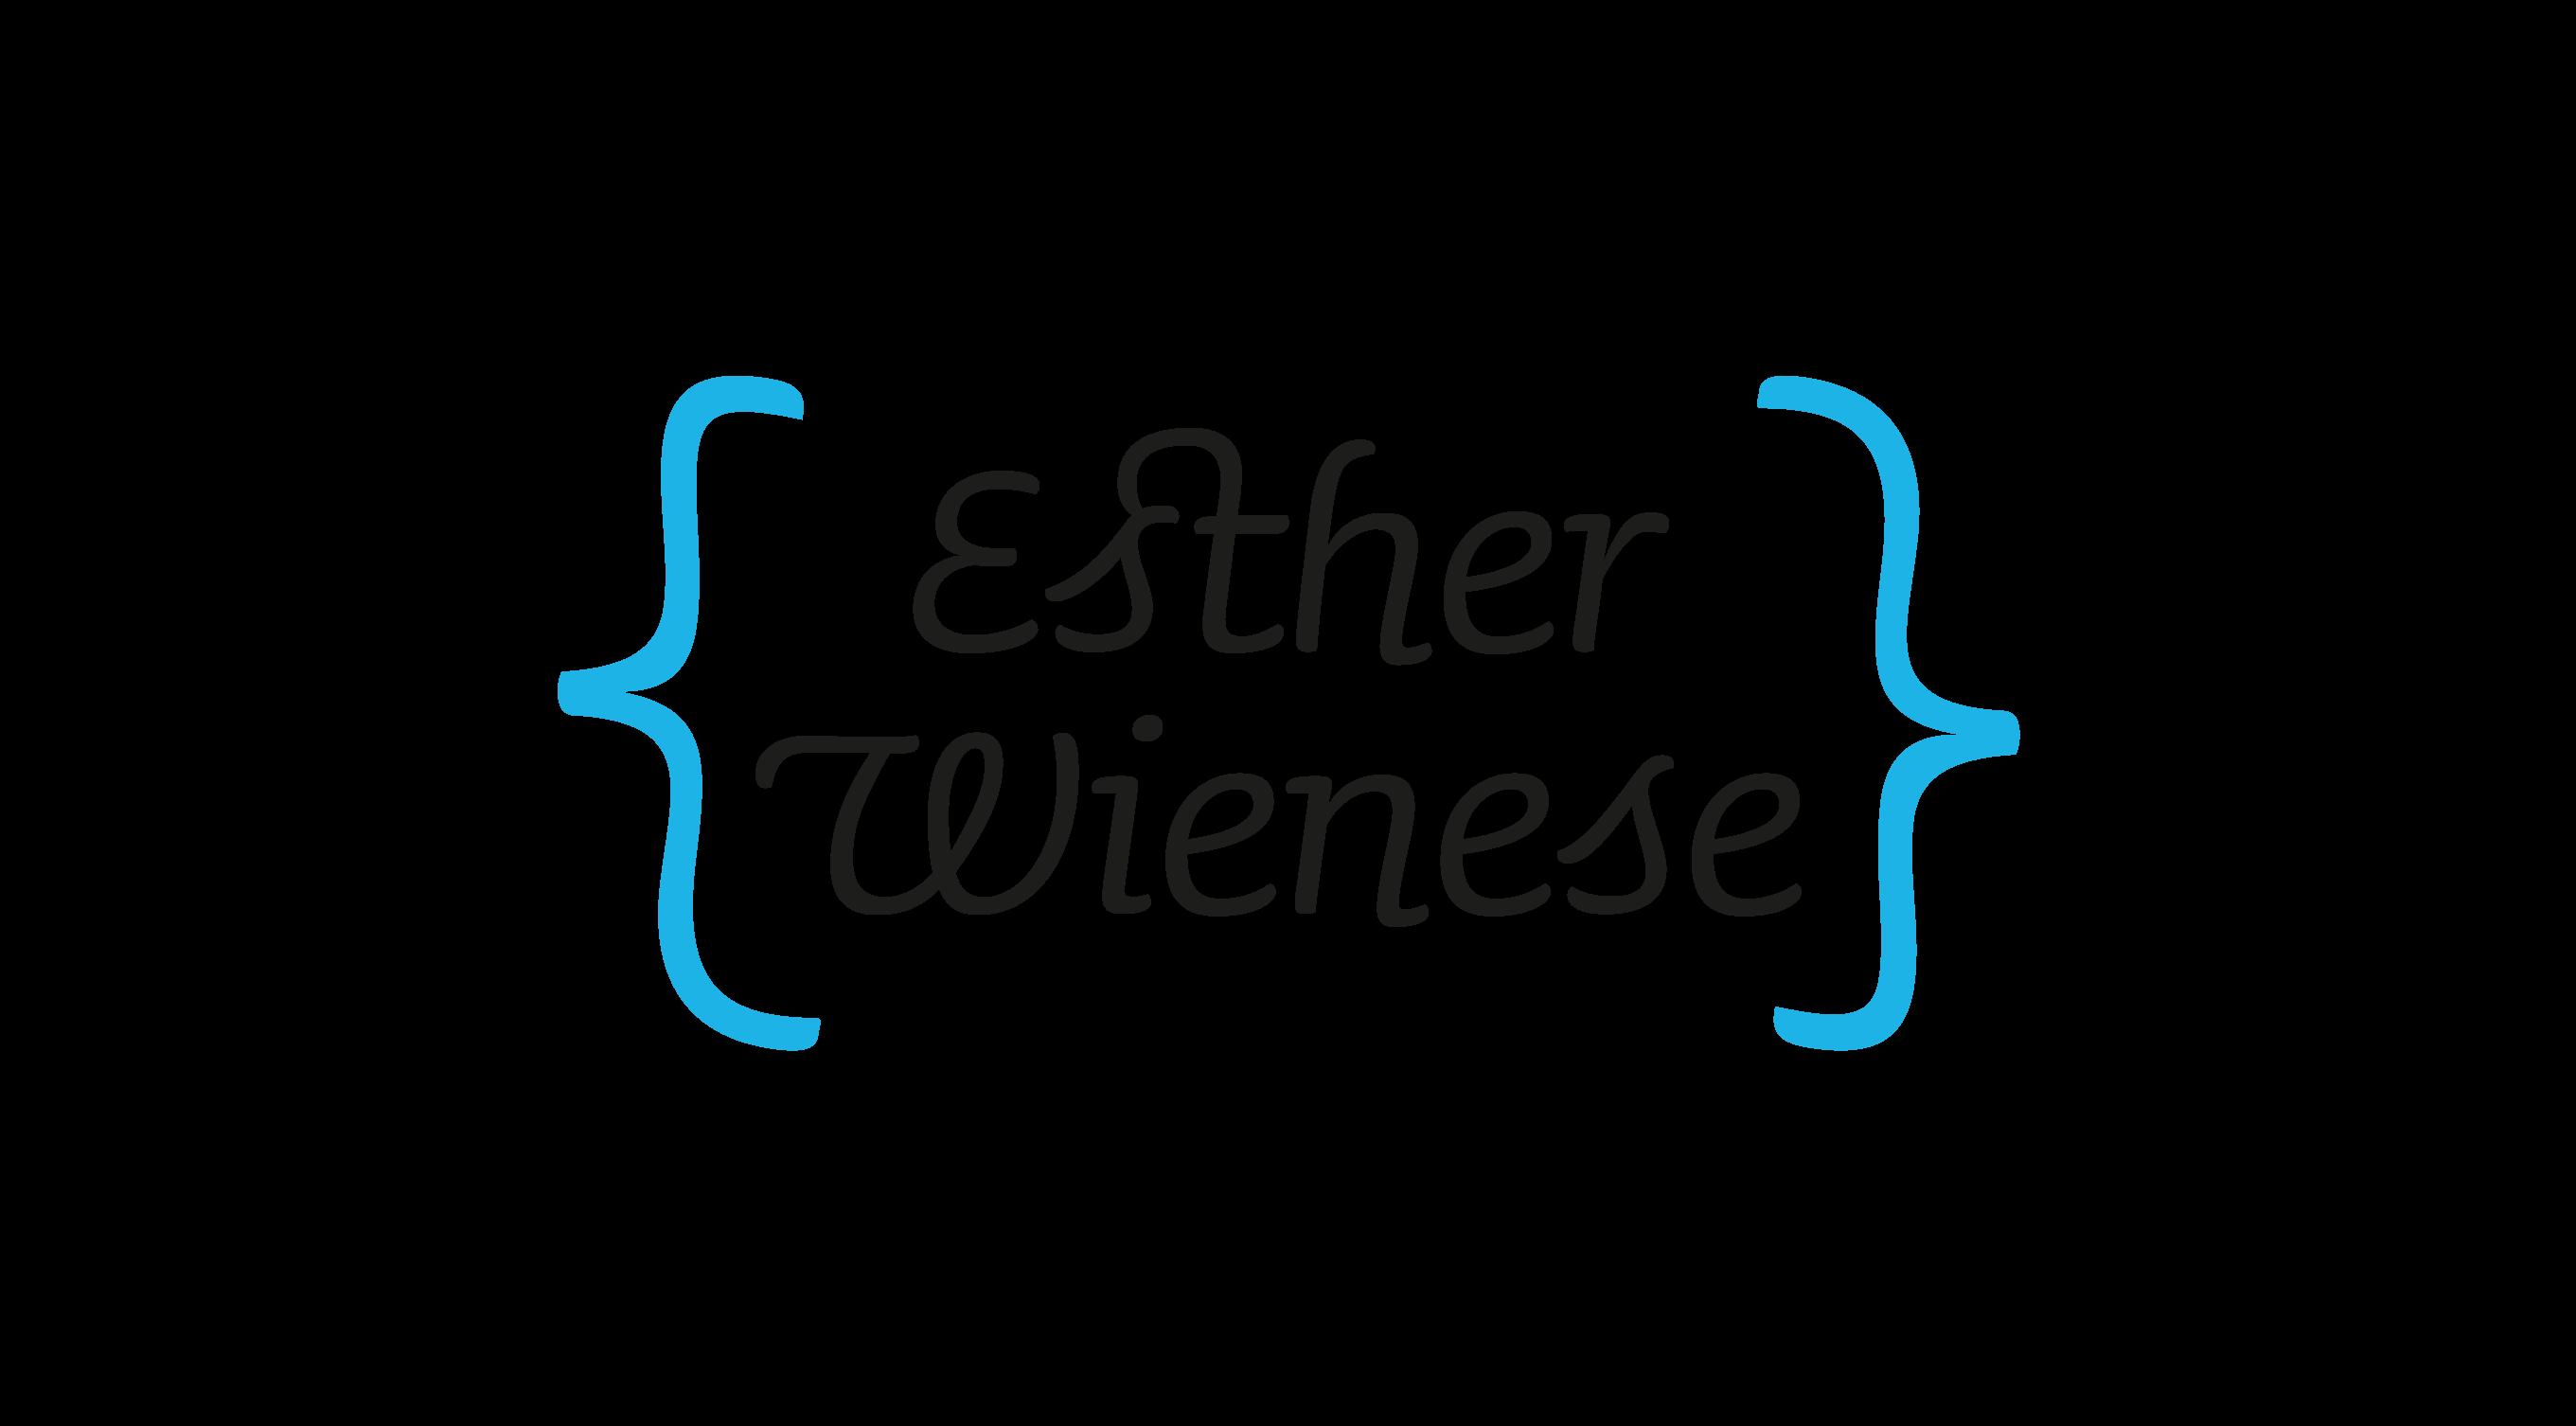 Logo laten ontwerpen door een grafisch ontwerper